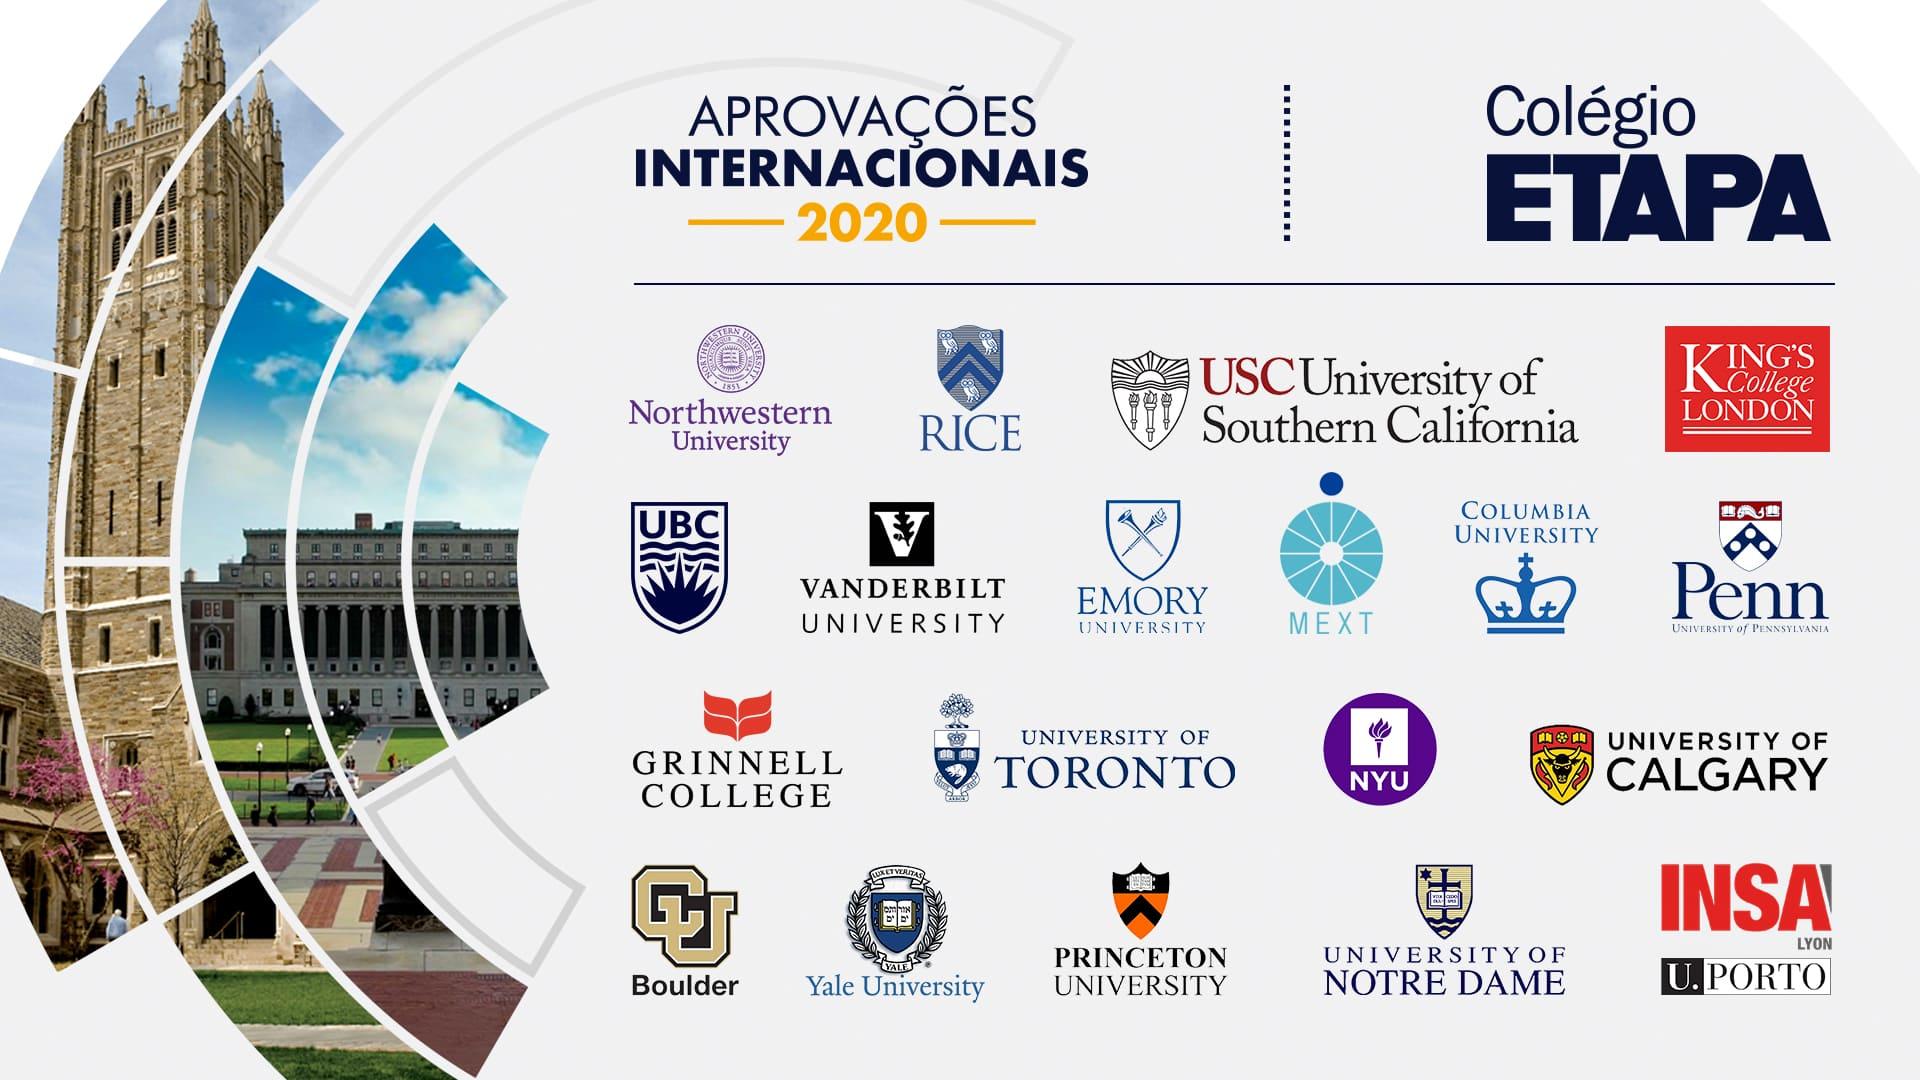 """""""Acredito que a minha preparação foi beneficiada pelo histórico do Etapa em aprovar estudantes no exterior"""", conta uma das aprovadas."""